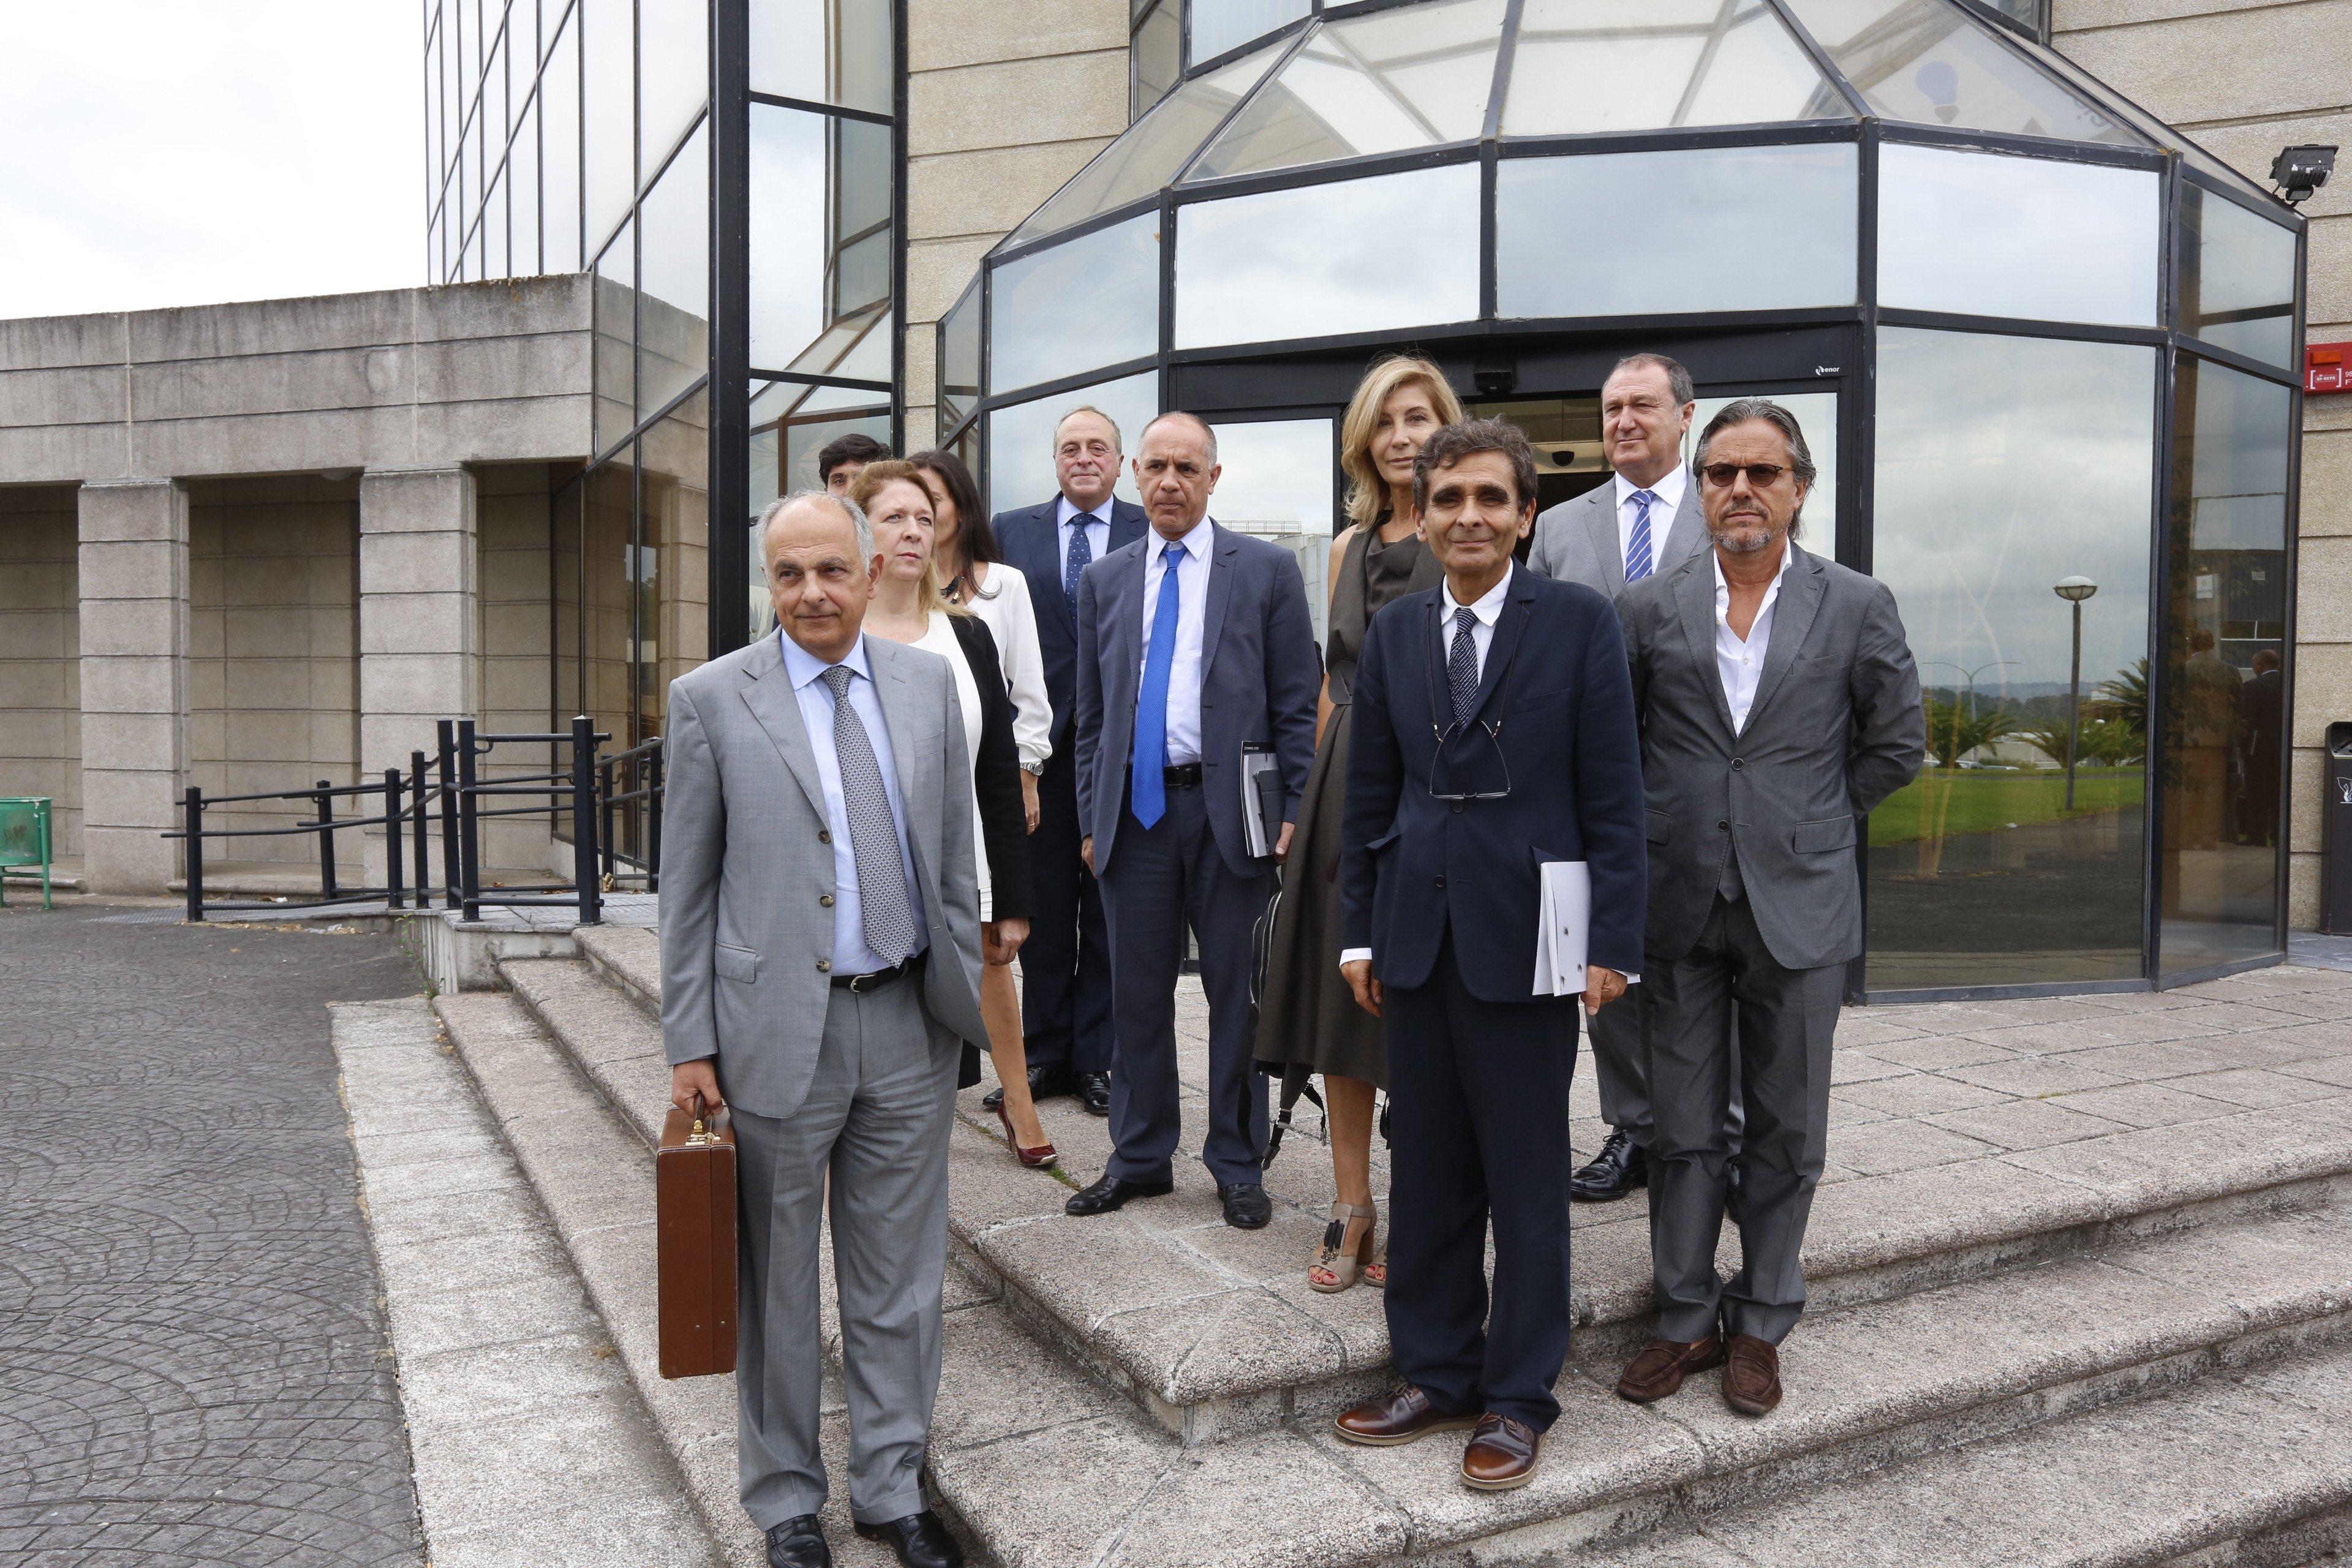 Adolfo dom nguez el camino elegido es el correcto for Adolfo dominguez nuevo